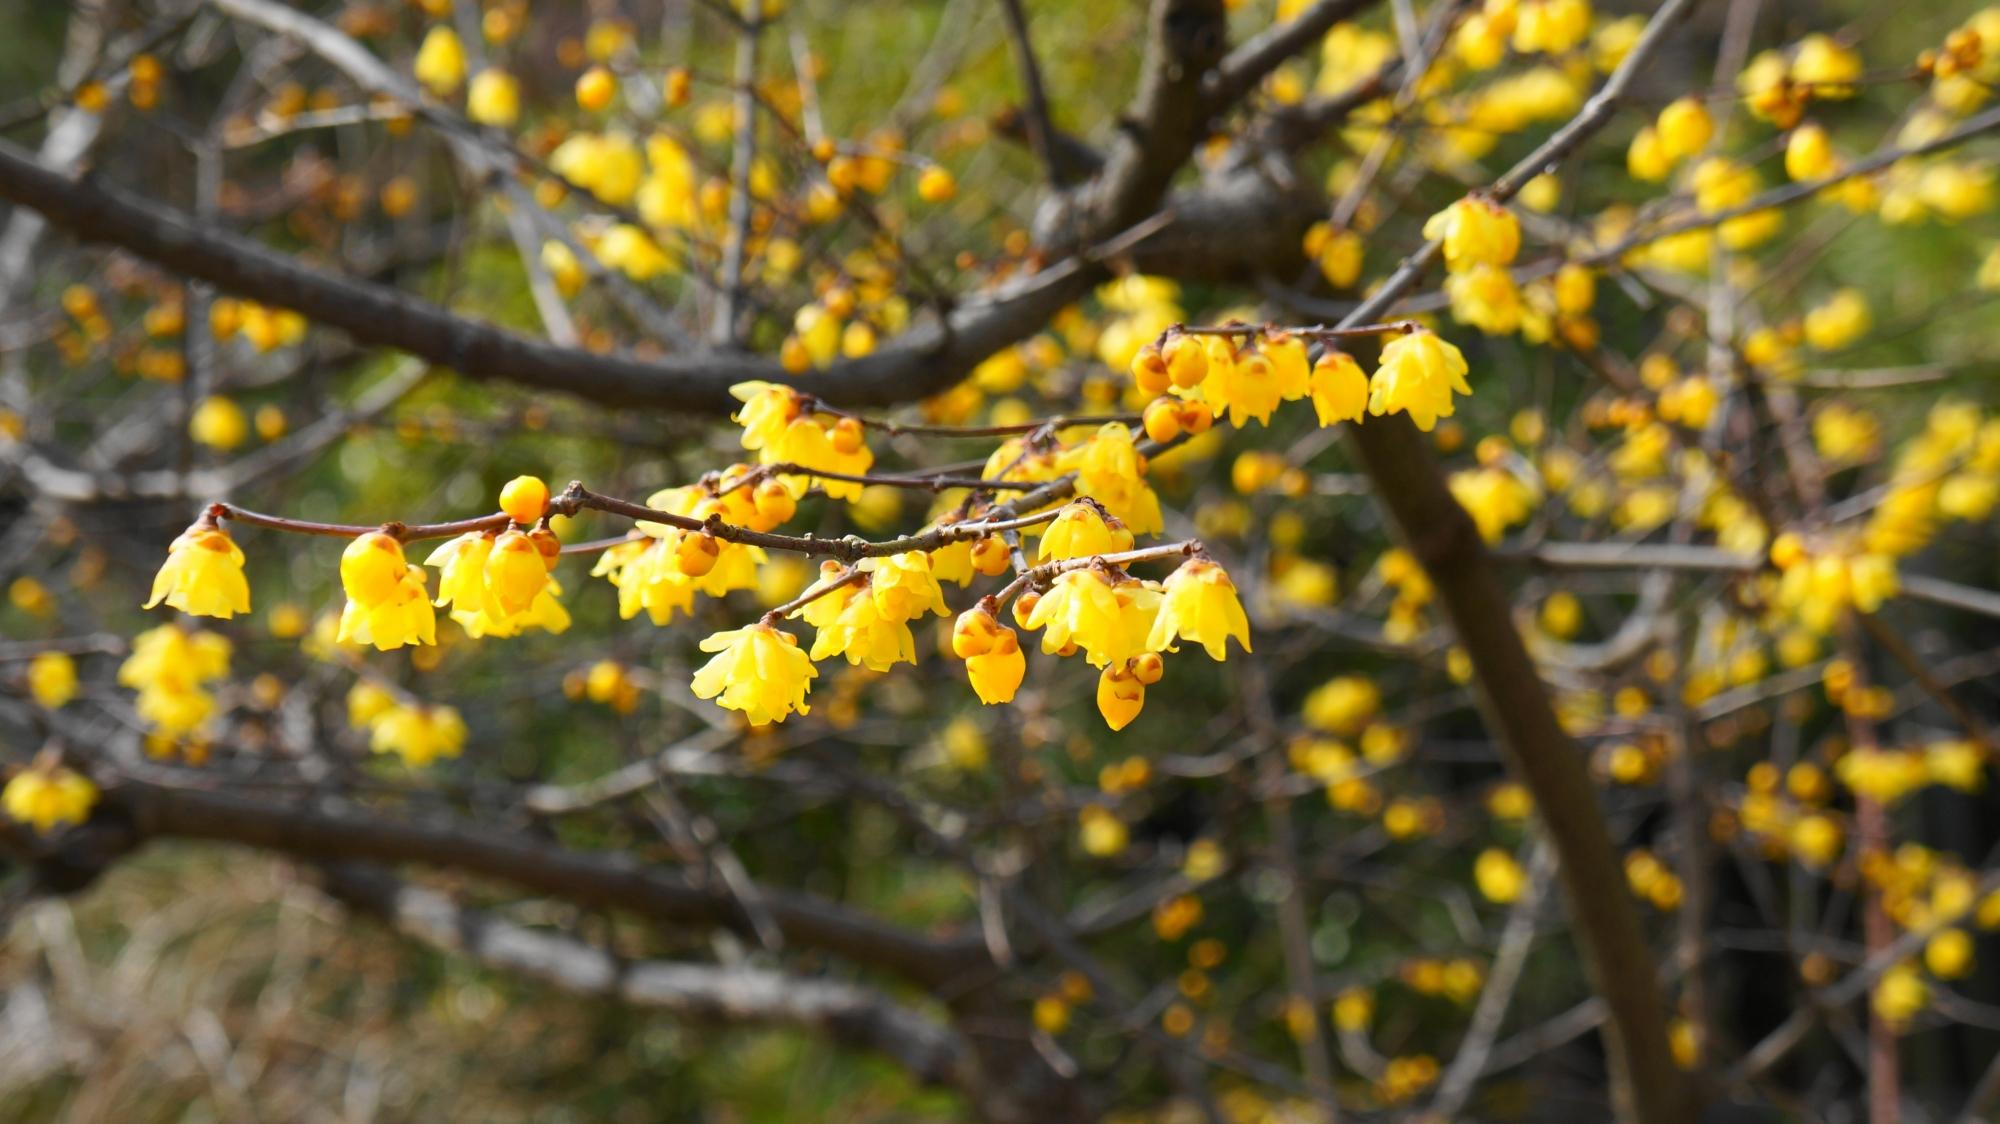 天龍寺の寒い冬の庭園を明るく彩る蝋梅の可憐な黄色い花